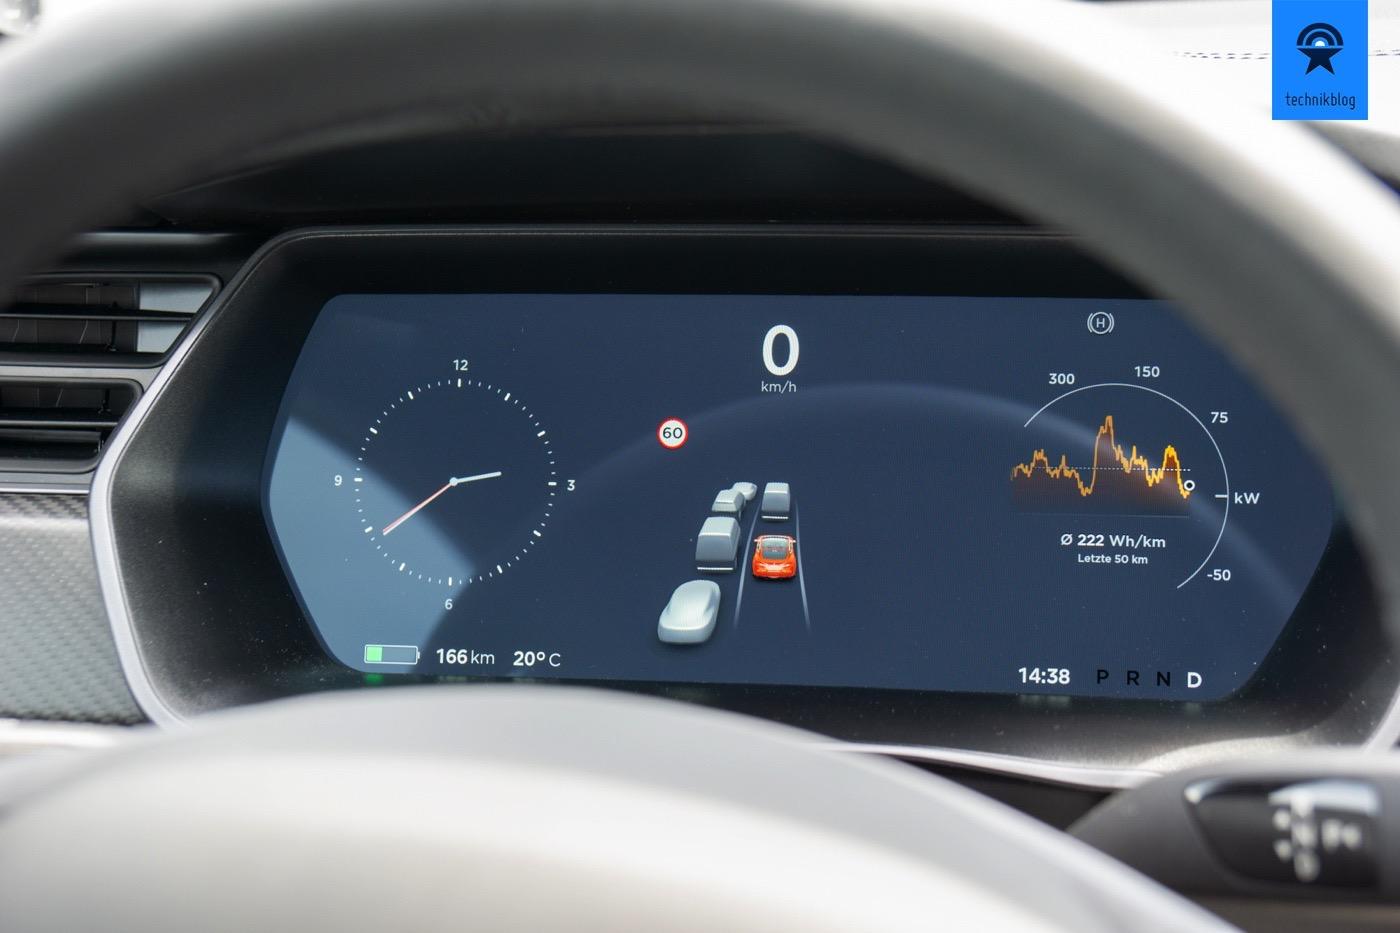 Der Tesla erkennt dank den zahlreichen Kameras zuverlässig andere Verkehrsteilnehmer